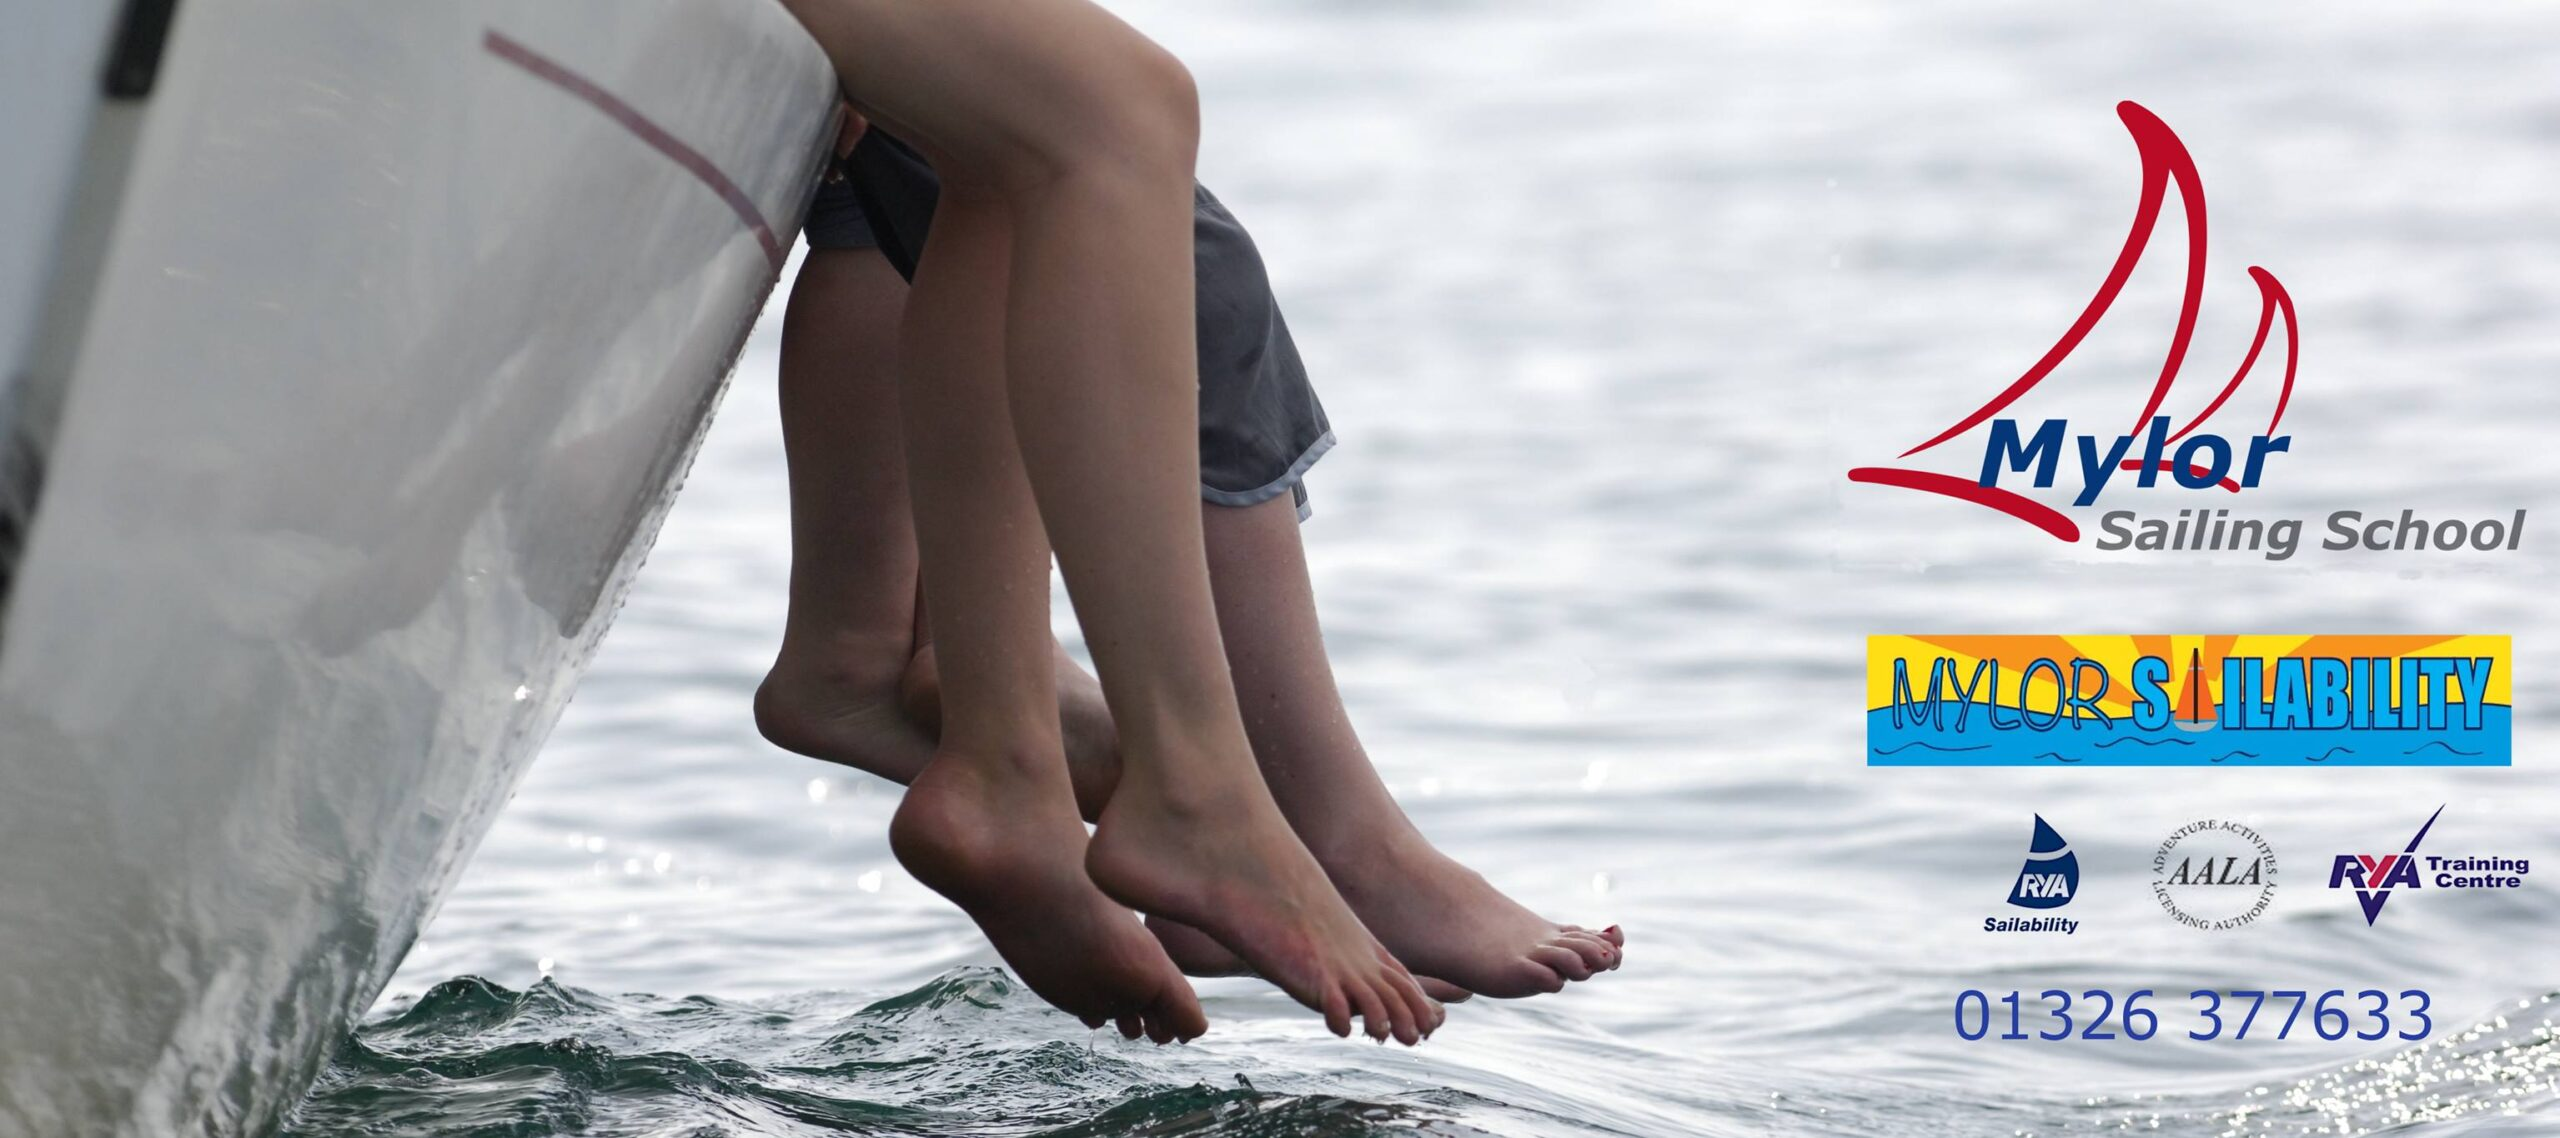 Shore Partnership celebrate new partnership with Mylor Sailability